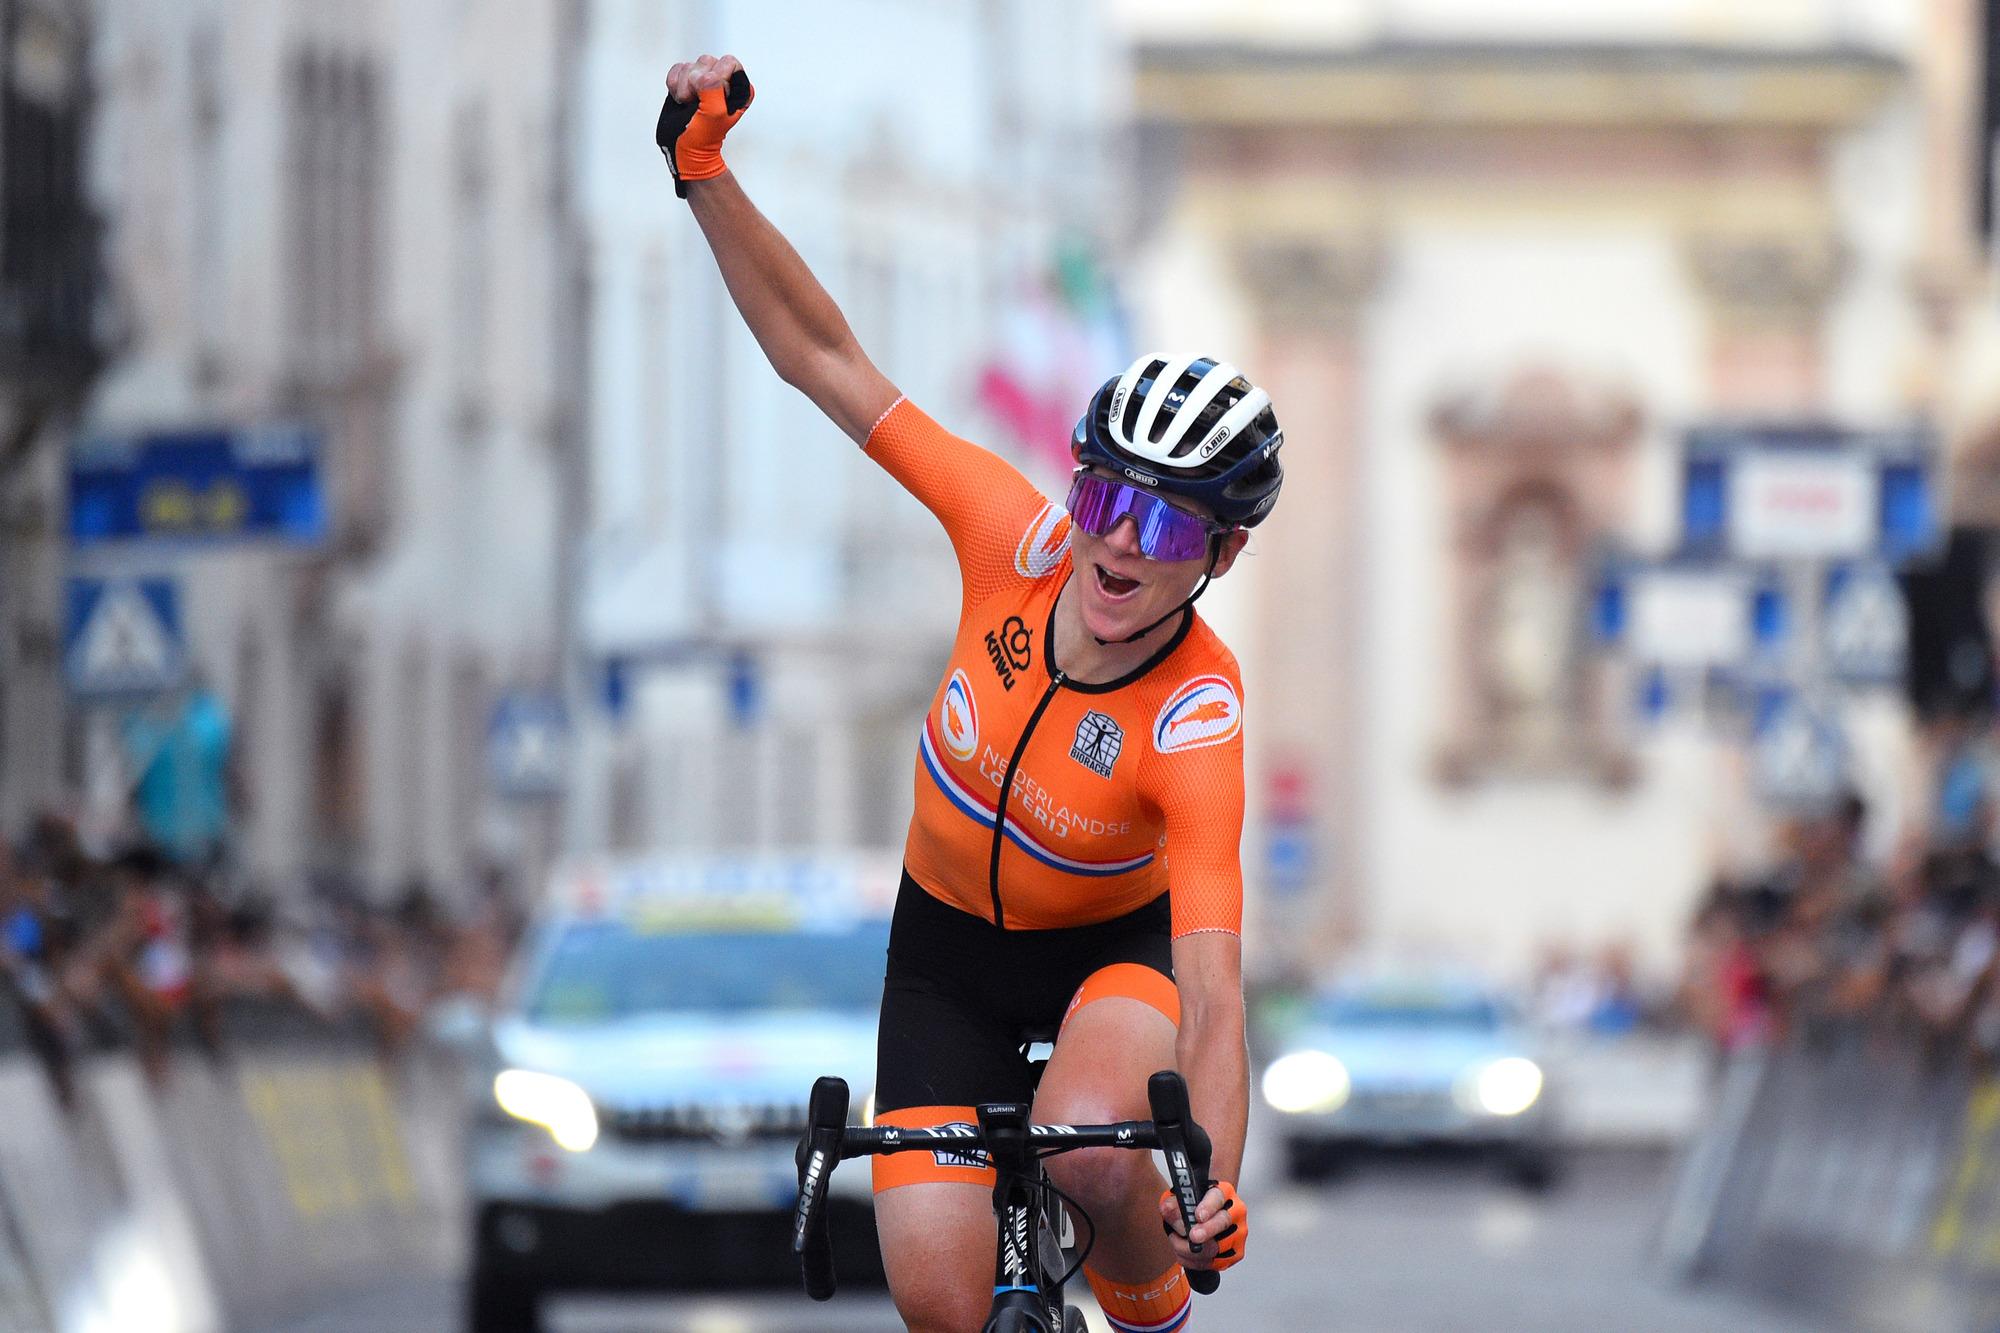 Annemiek van Vleuten celebrated Ellen van Dijk's victory in Trento